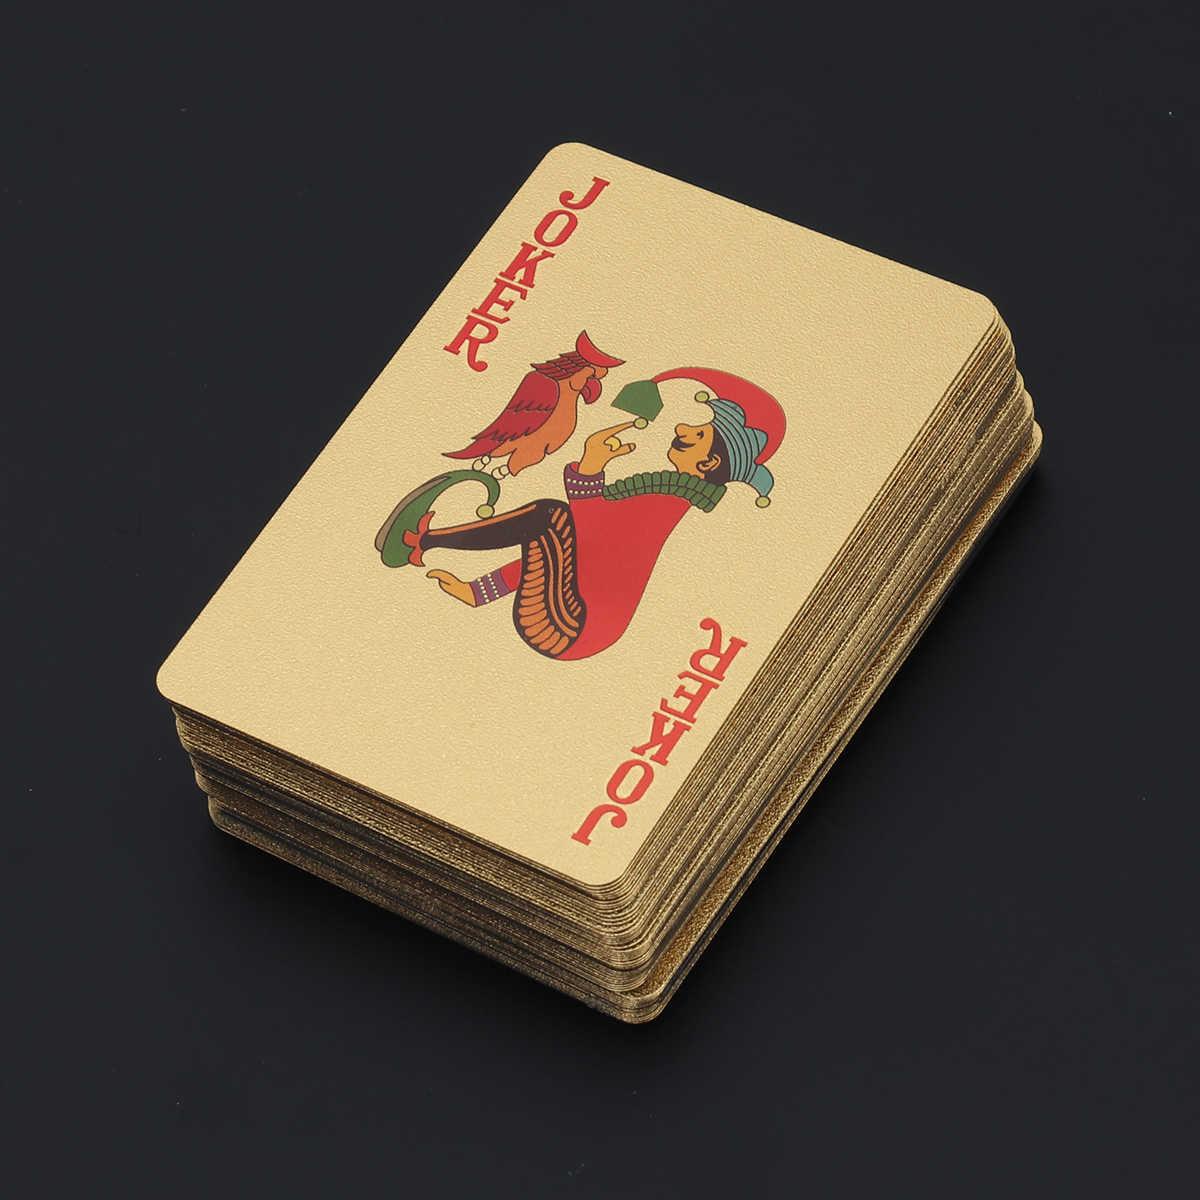 Позолоченные игральные карты из фольги для покера настольные игры Джокер колода (золото)